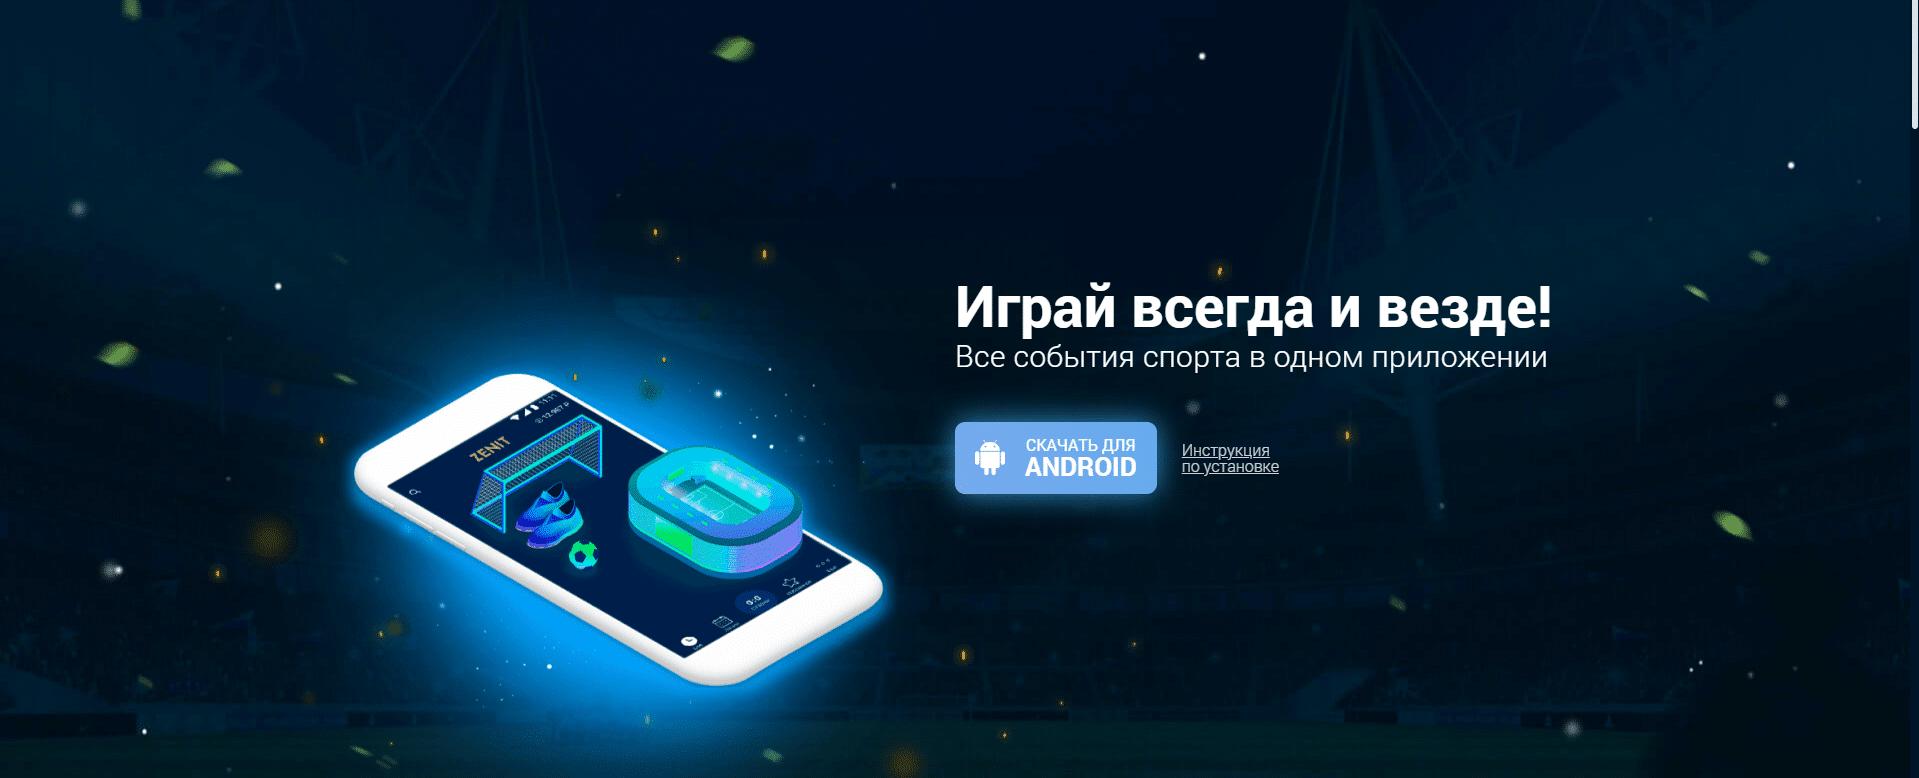 Как скачать и установить приложение от БК Zenit на Андроид